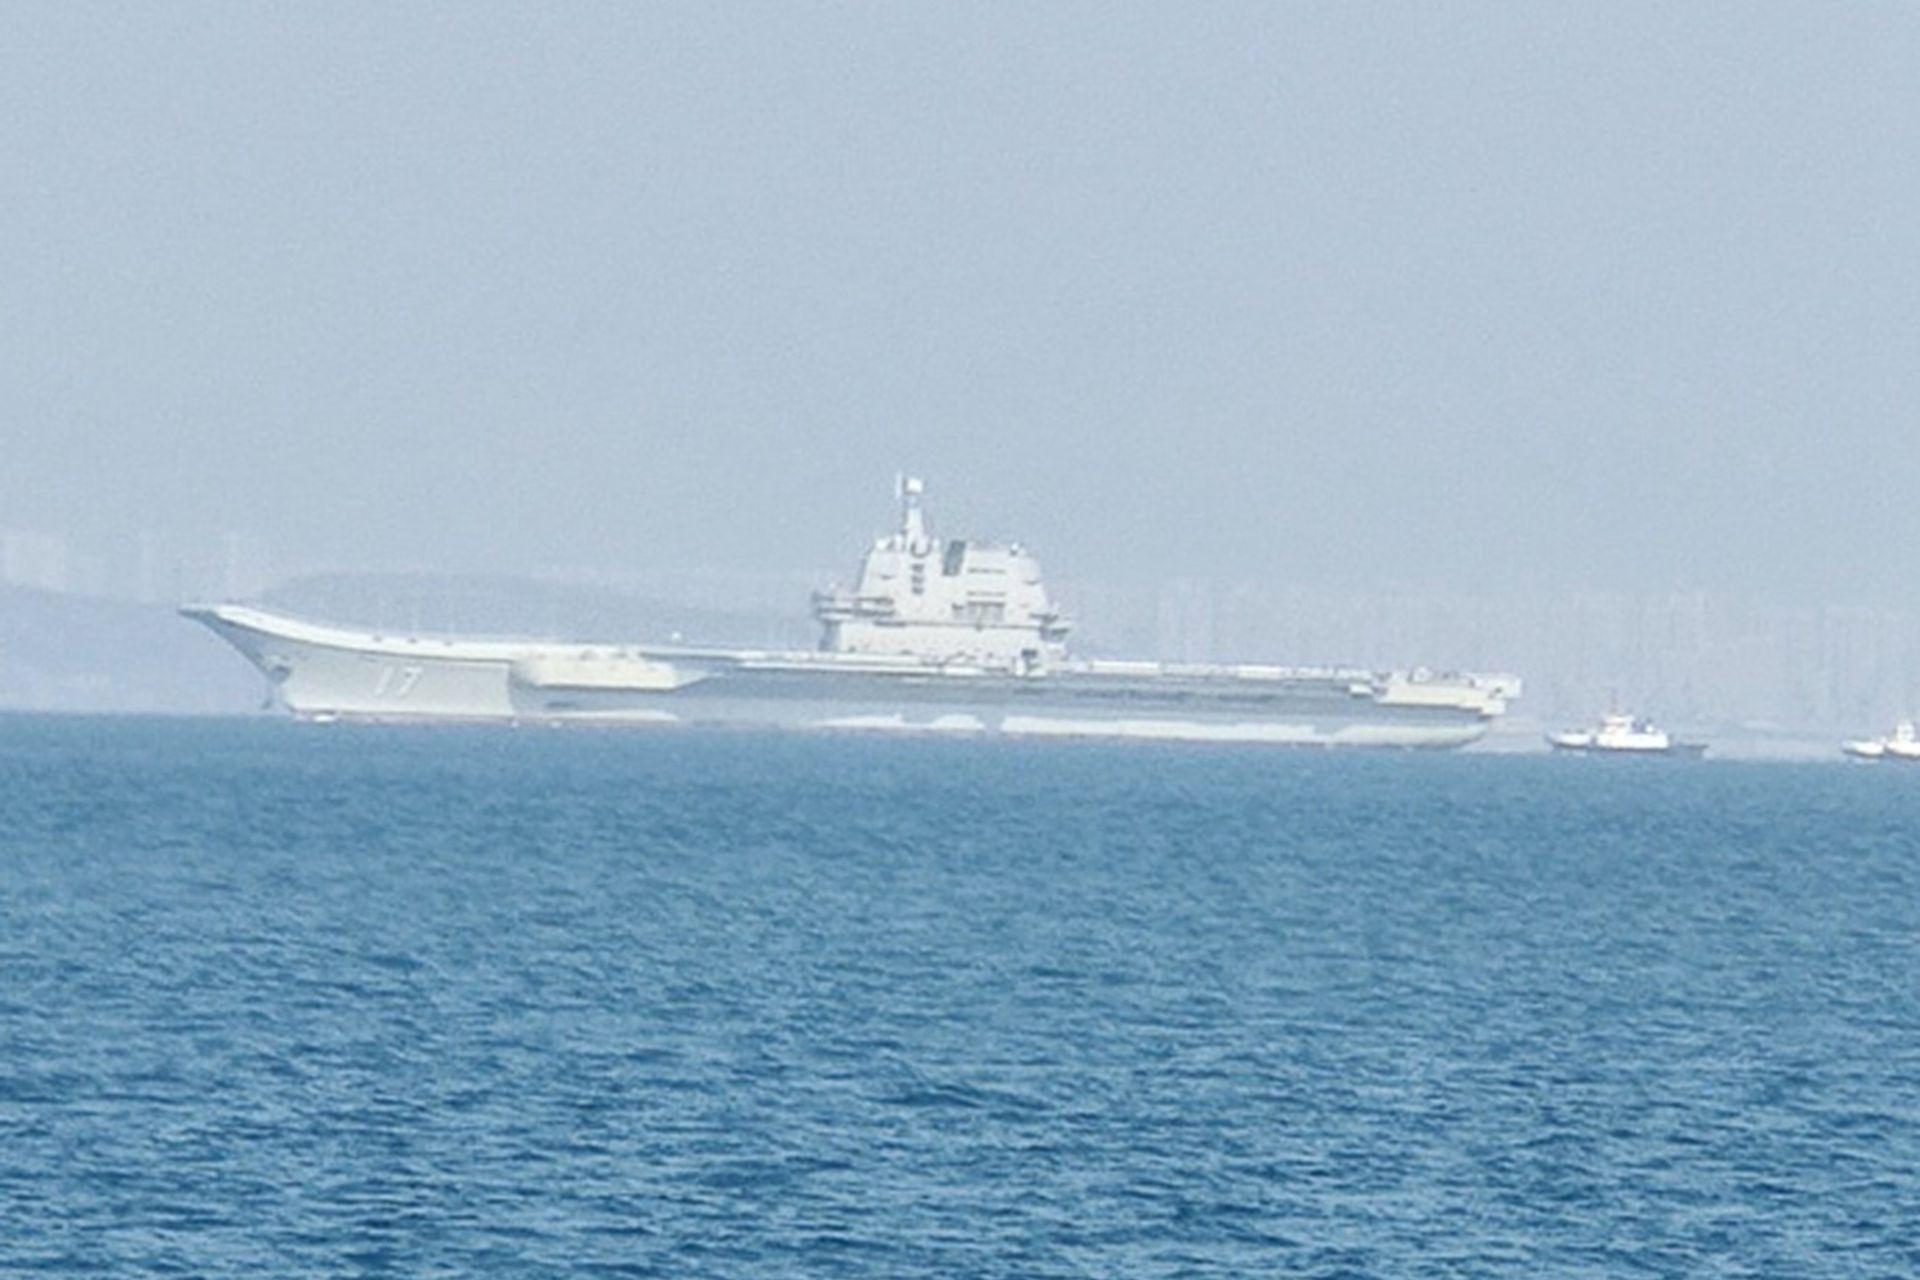 Tàu sân bay Sơn Đông bất ngờ ra khơi, tham gia tập trận ở Biển Đông? - 3